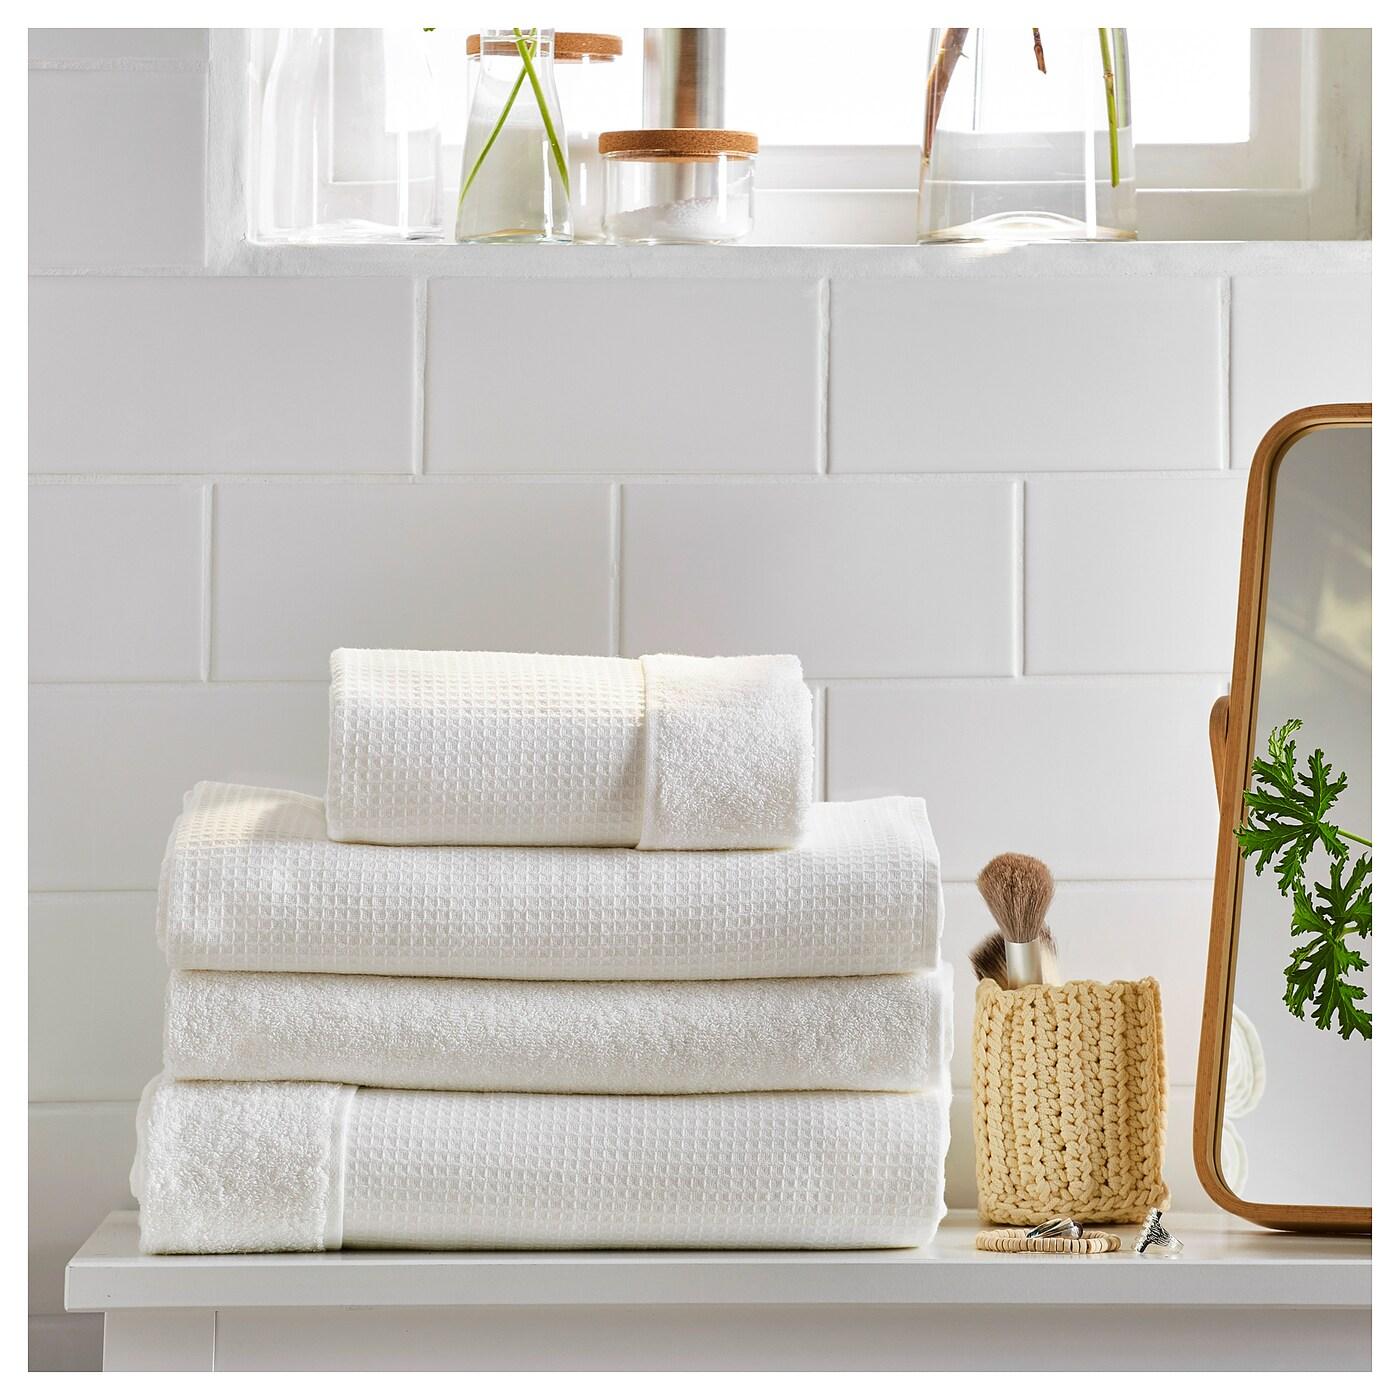 Salviken toalla de ba o blanco 100 x 150 cm ikea - Toallas de bano ikea ...